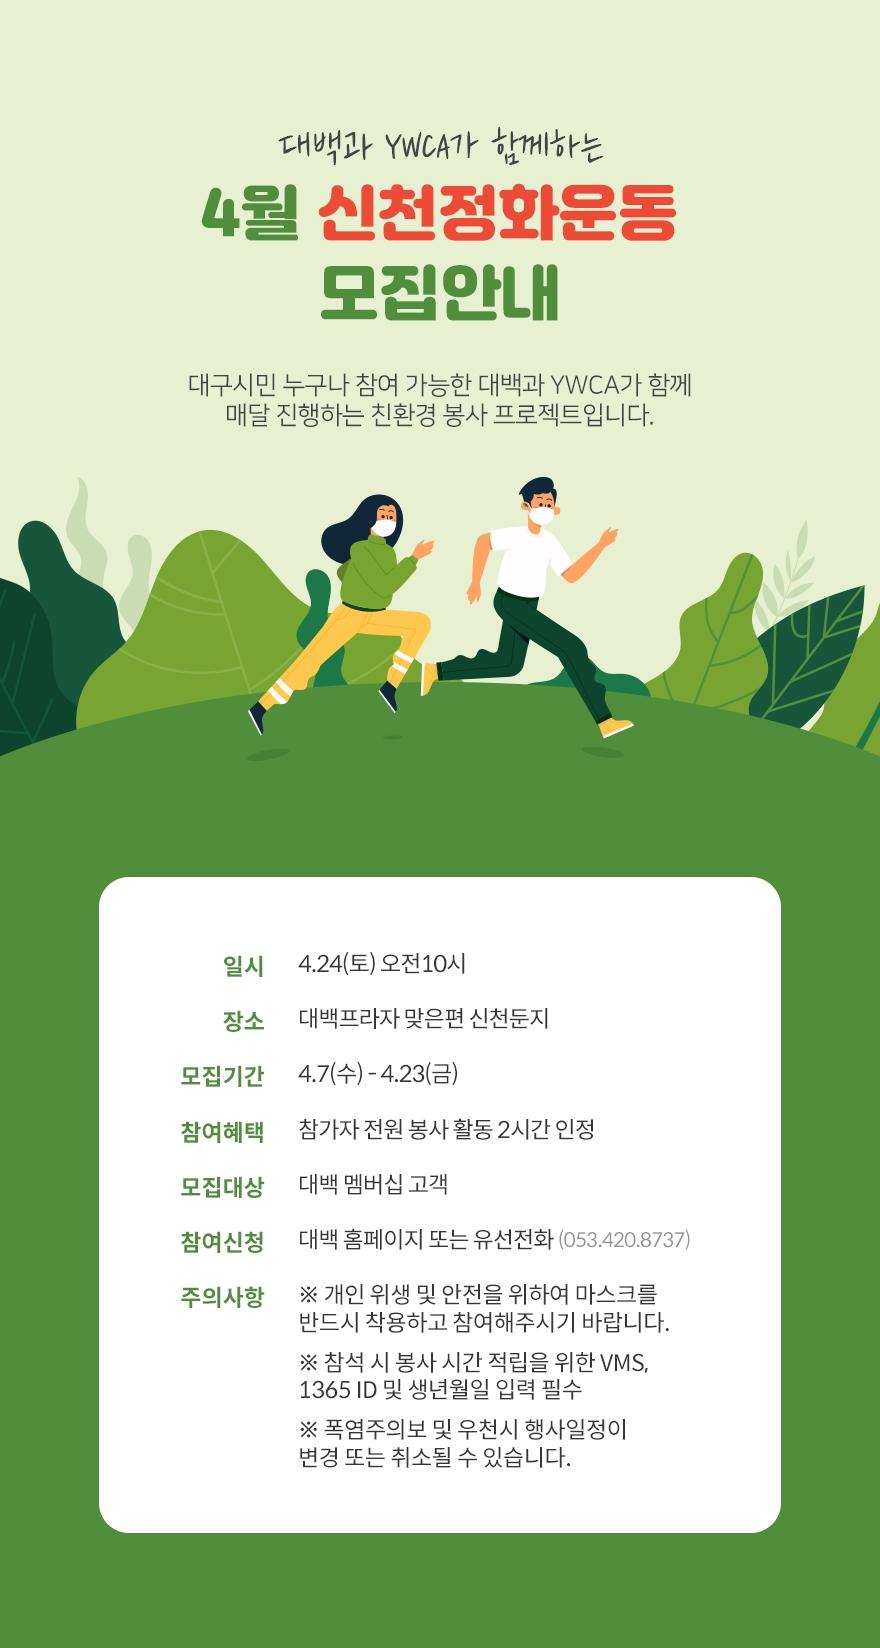 4월 신천정화운동 모집 안내